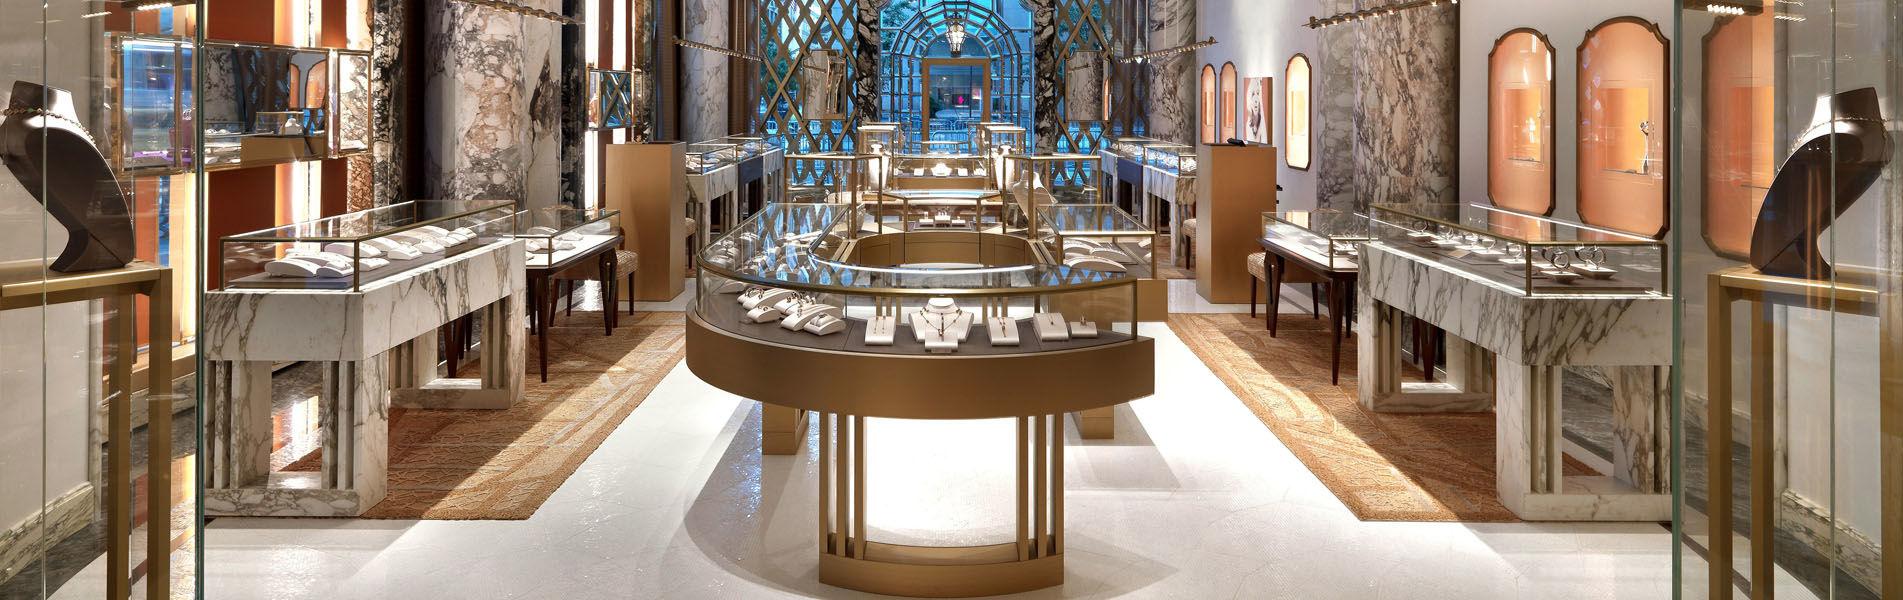 Jewelry store showcase